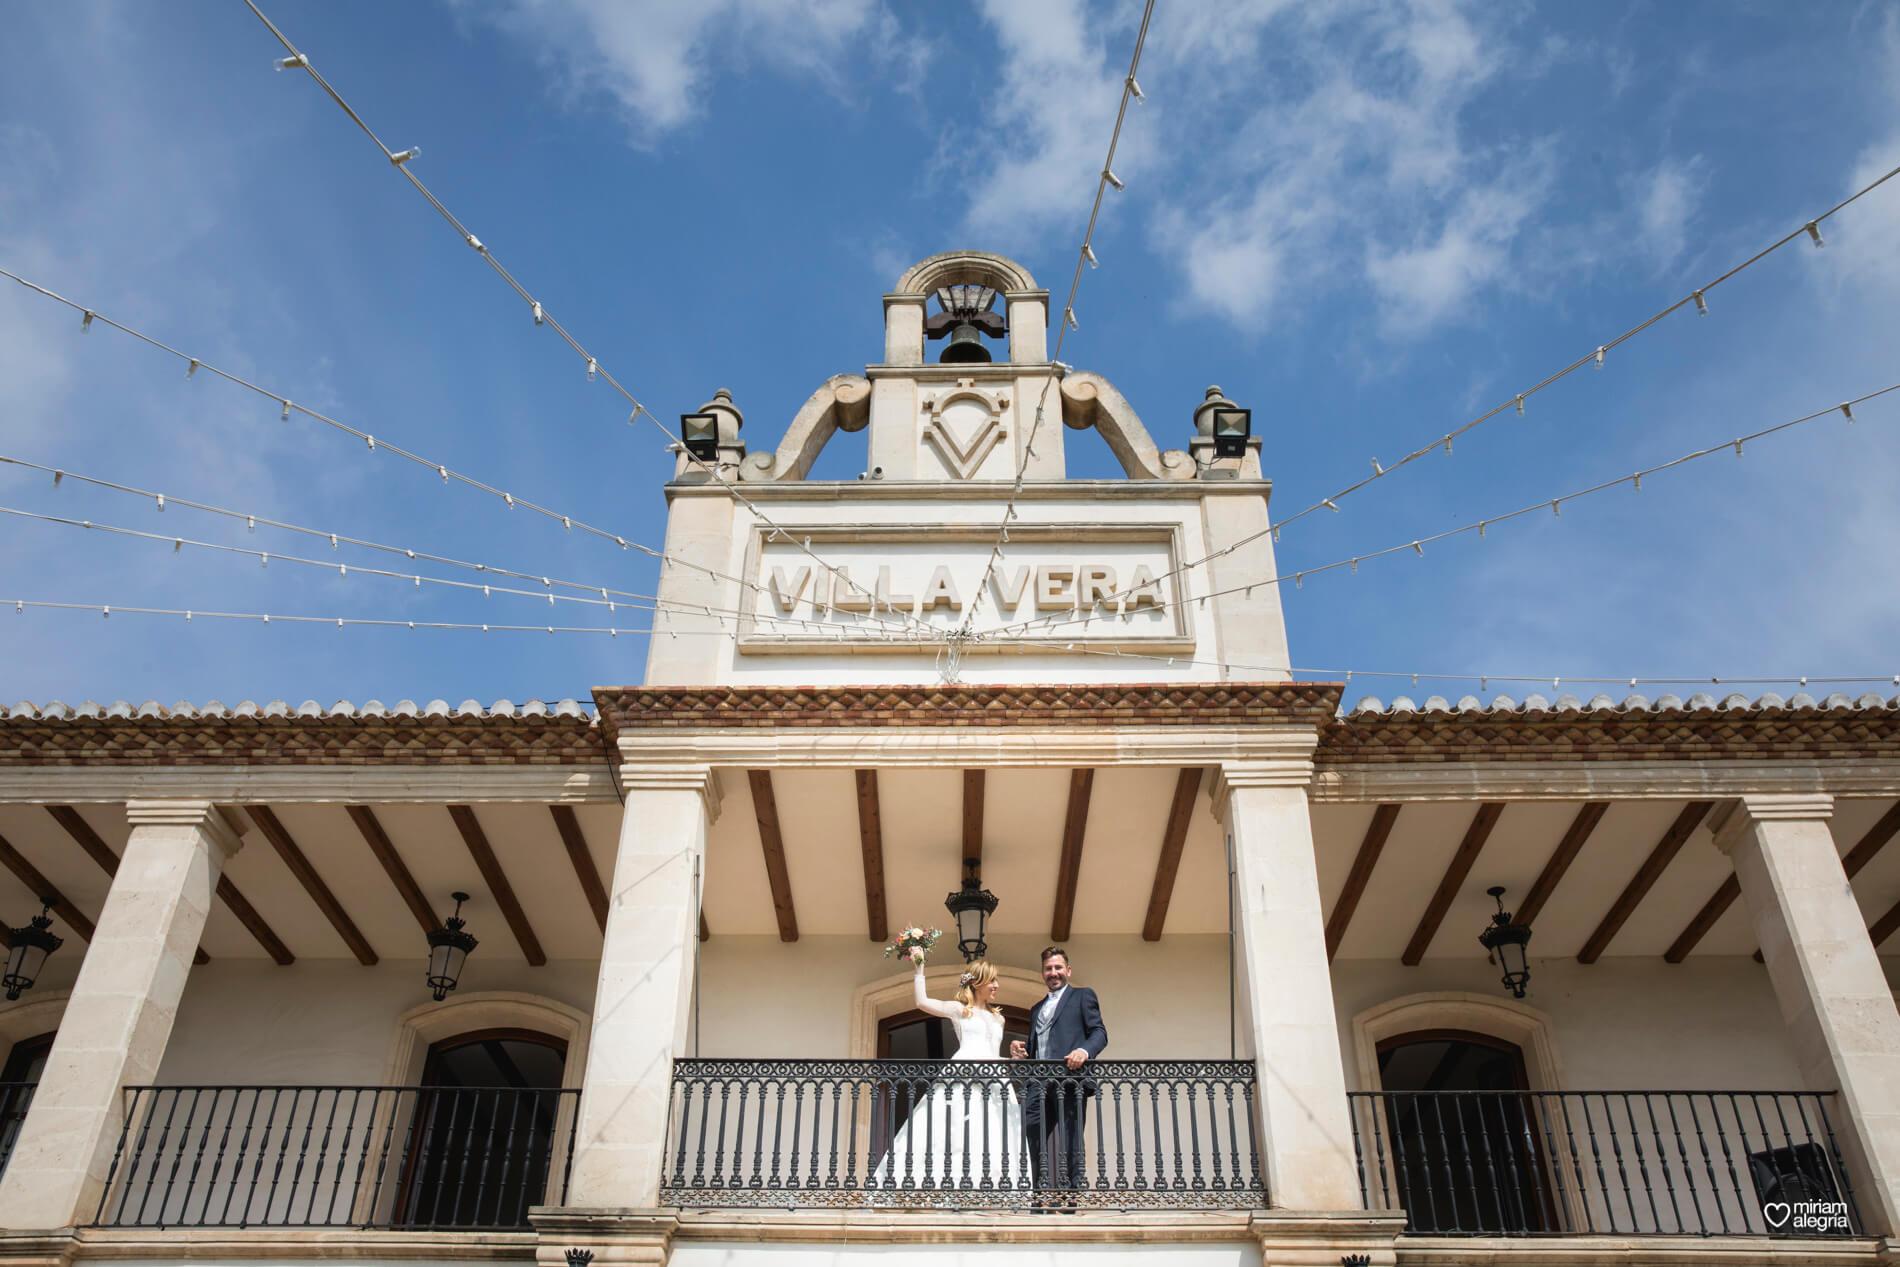 boda-en-finca-villa-vera-de-alemc7-miriam-alegria-fotografos-boda-murcia-102